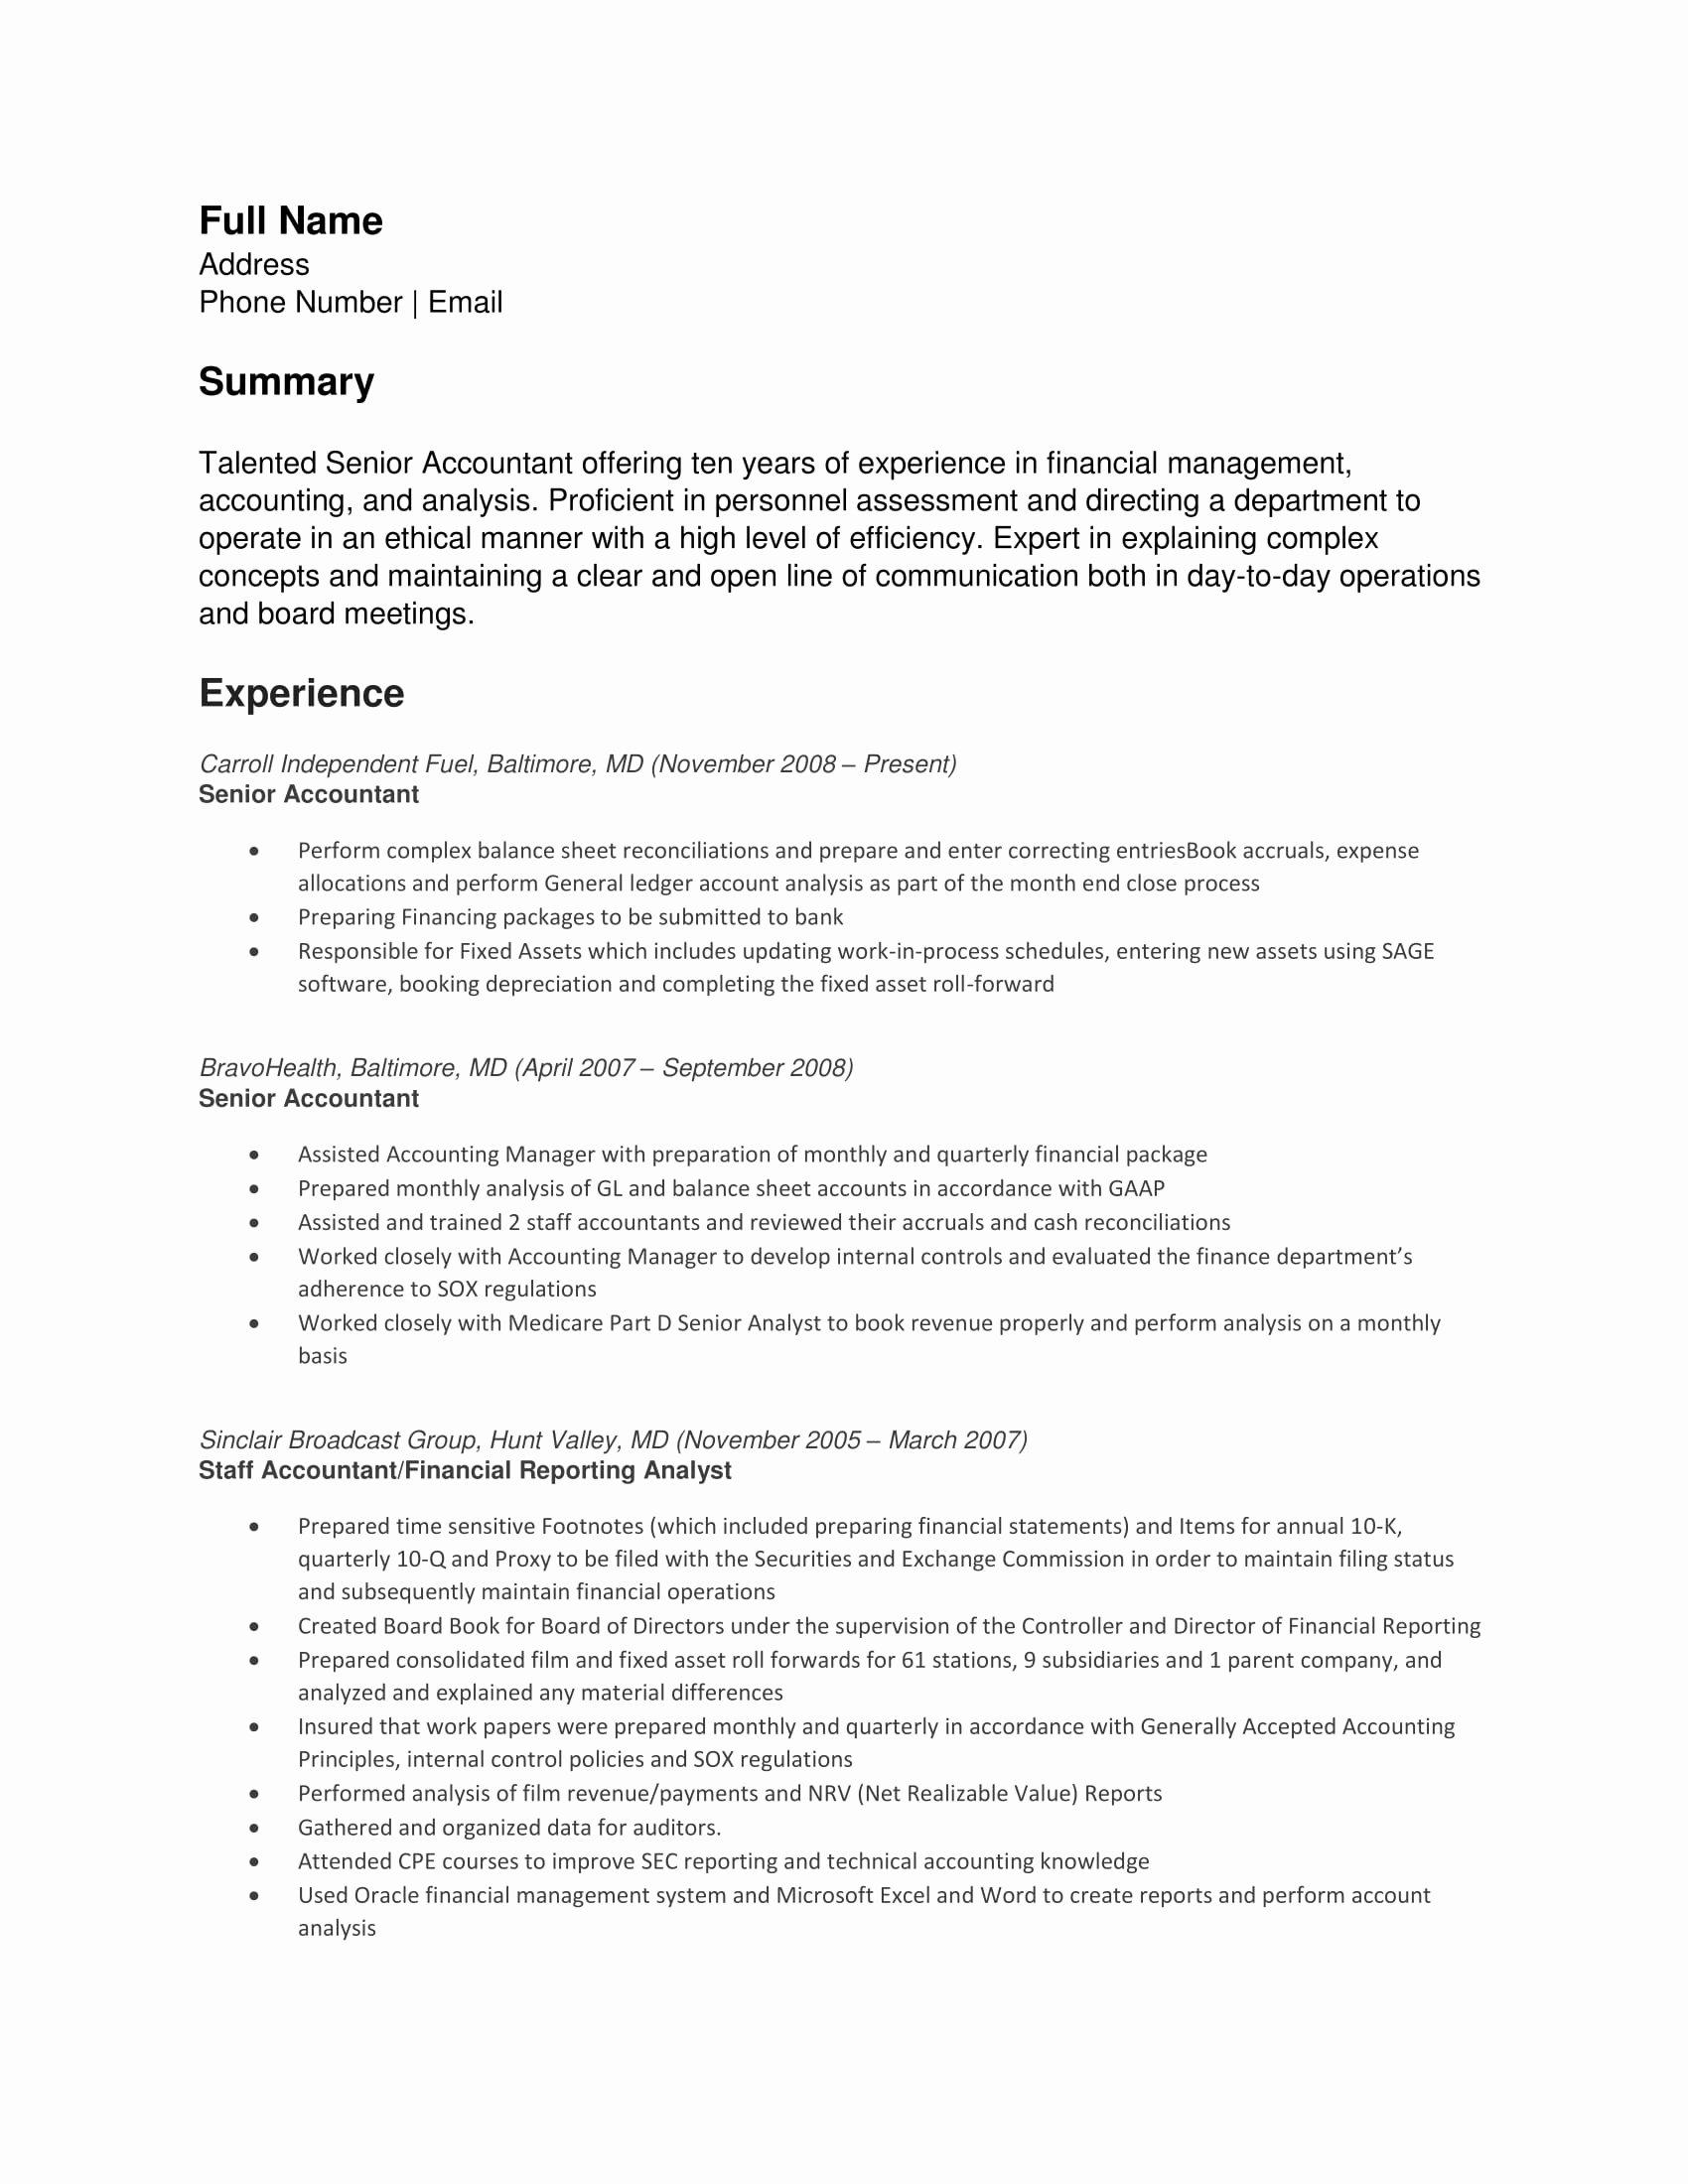 Senior Accountant Resume Sample Lovely 24 Best Finance Resume Sample Templates Wisestep